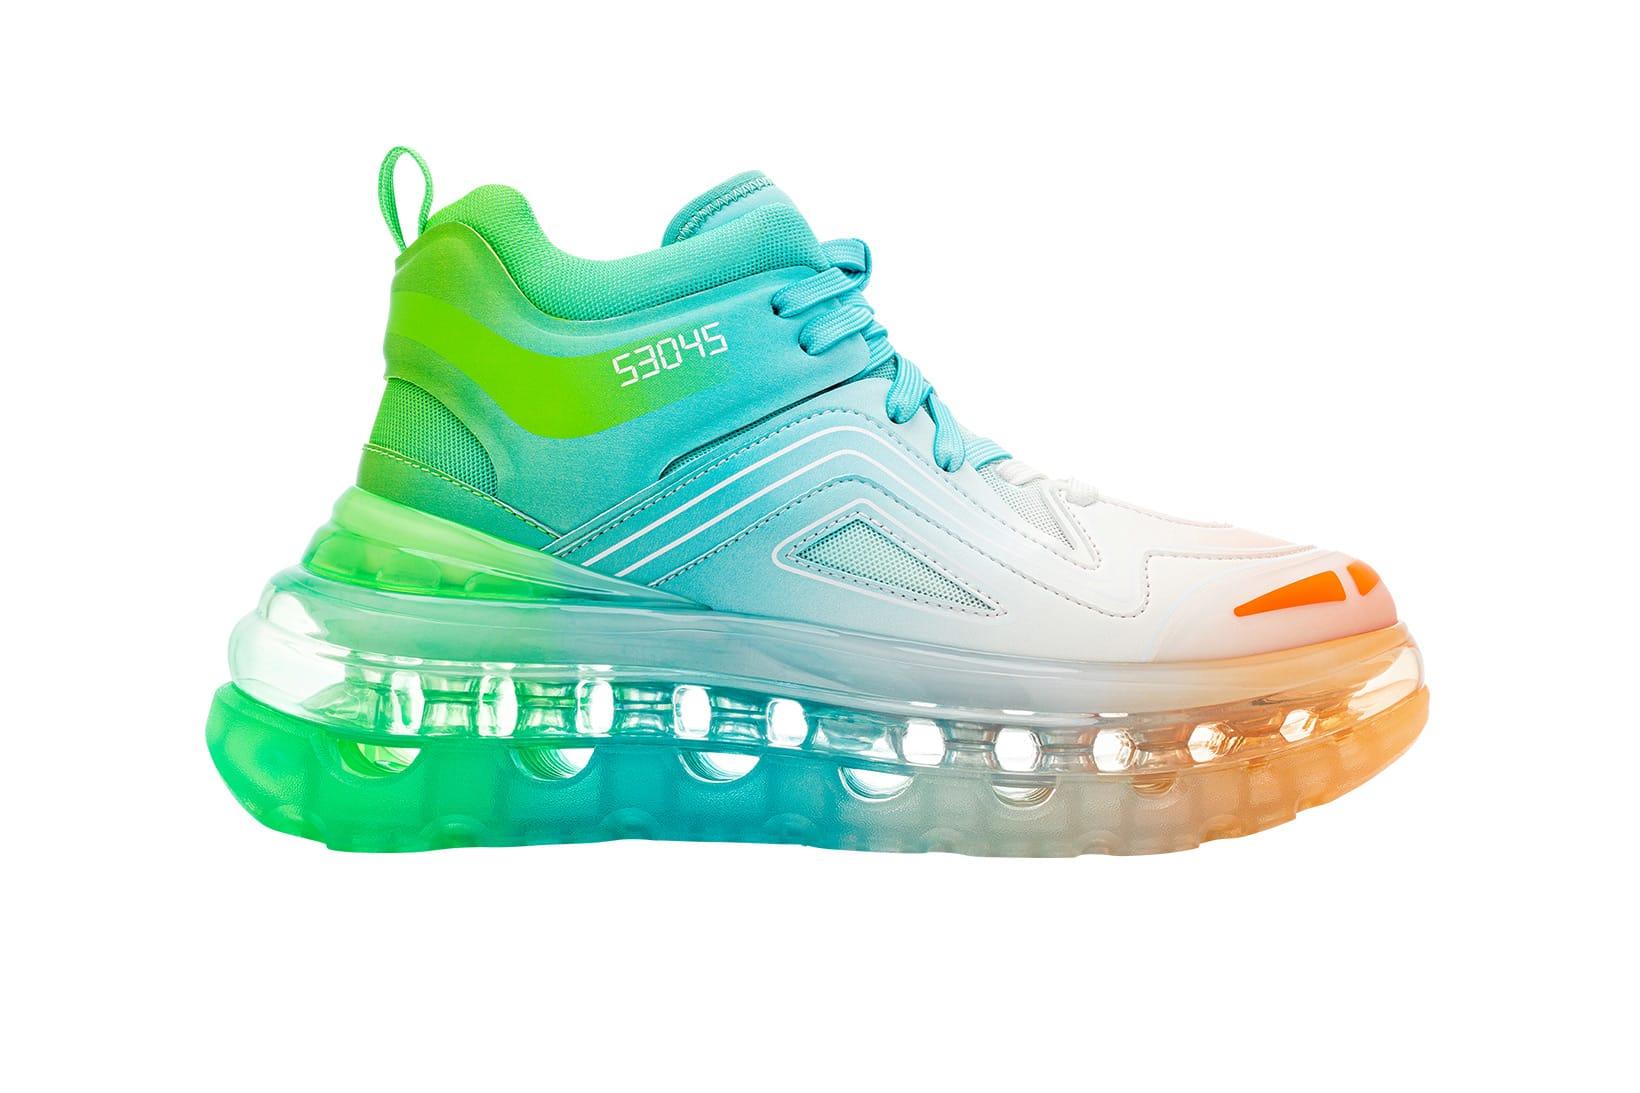 Shoes 53045 Bump'Air High Top in